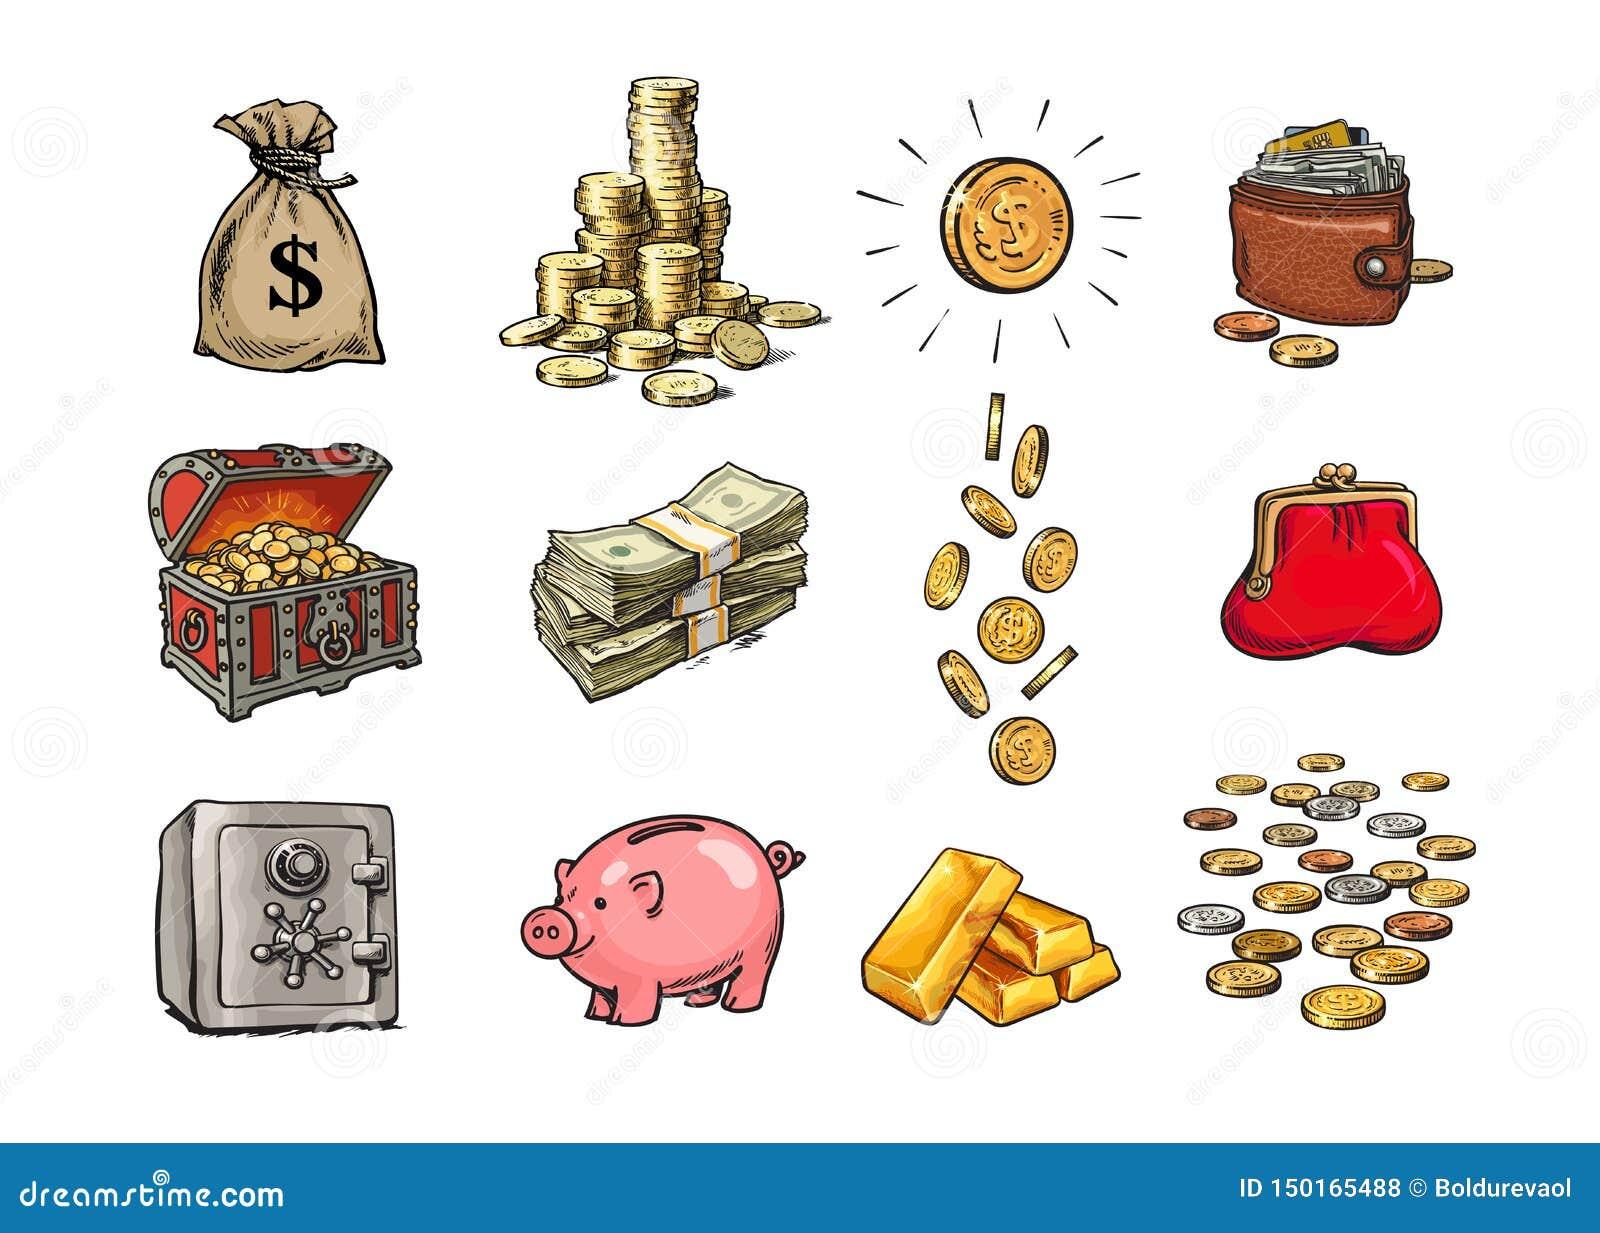 Σύνολο χρημάτων χρηματοδότησης κινούμενων σχεδίων Σάκος των δολαρίων, σωρός των νομισμάτων, νόμισμα με το σημάδι δολαρίων, στήθος